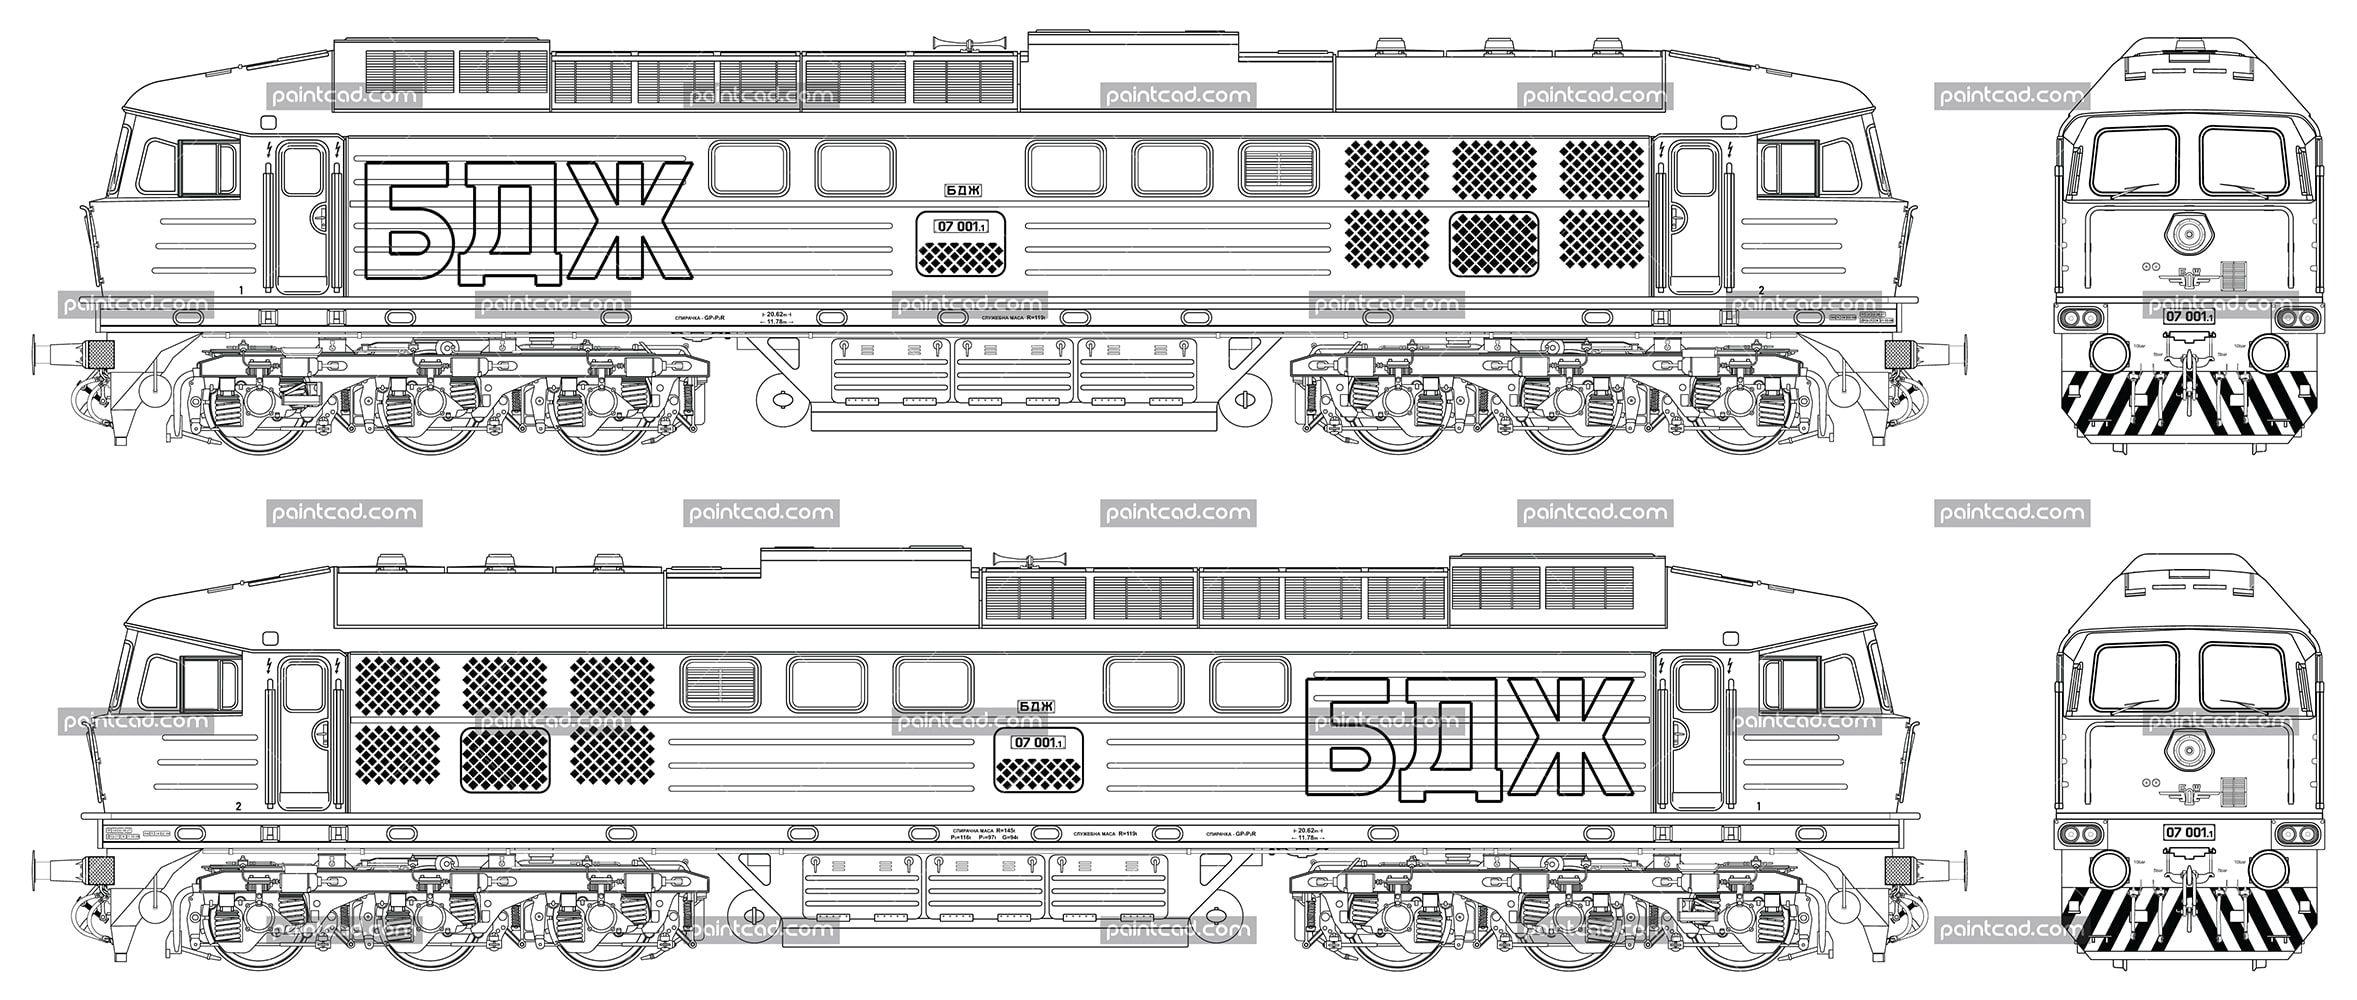 diagram of voroshilovgrad locomotive luhanskteplovoz te 109 [ 2357 x 1000 Pixel ]